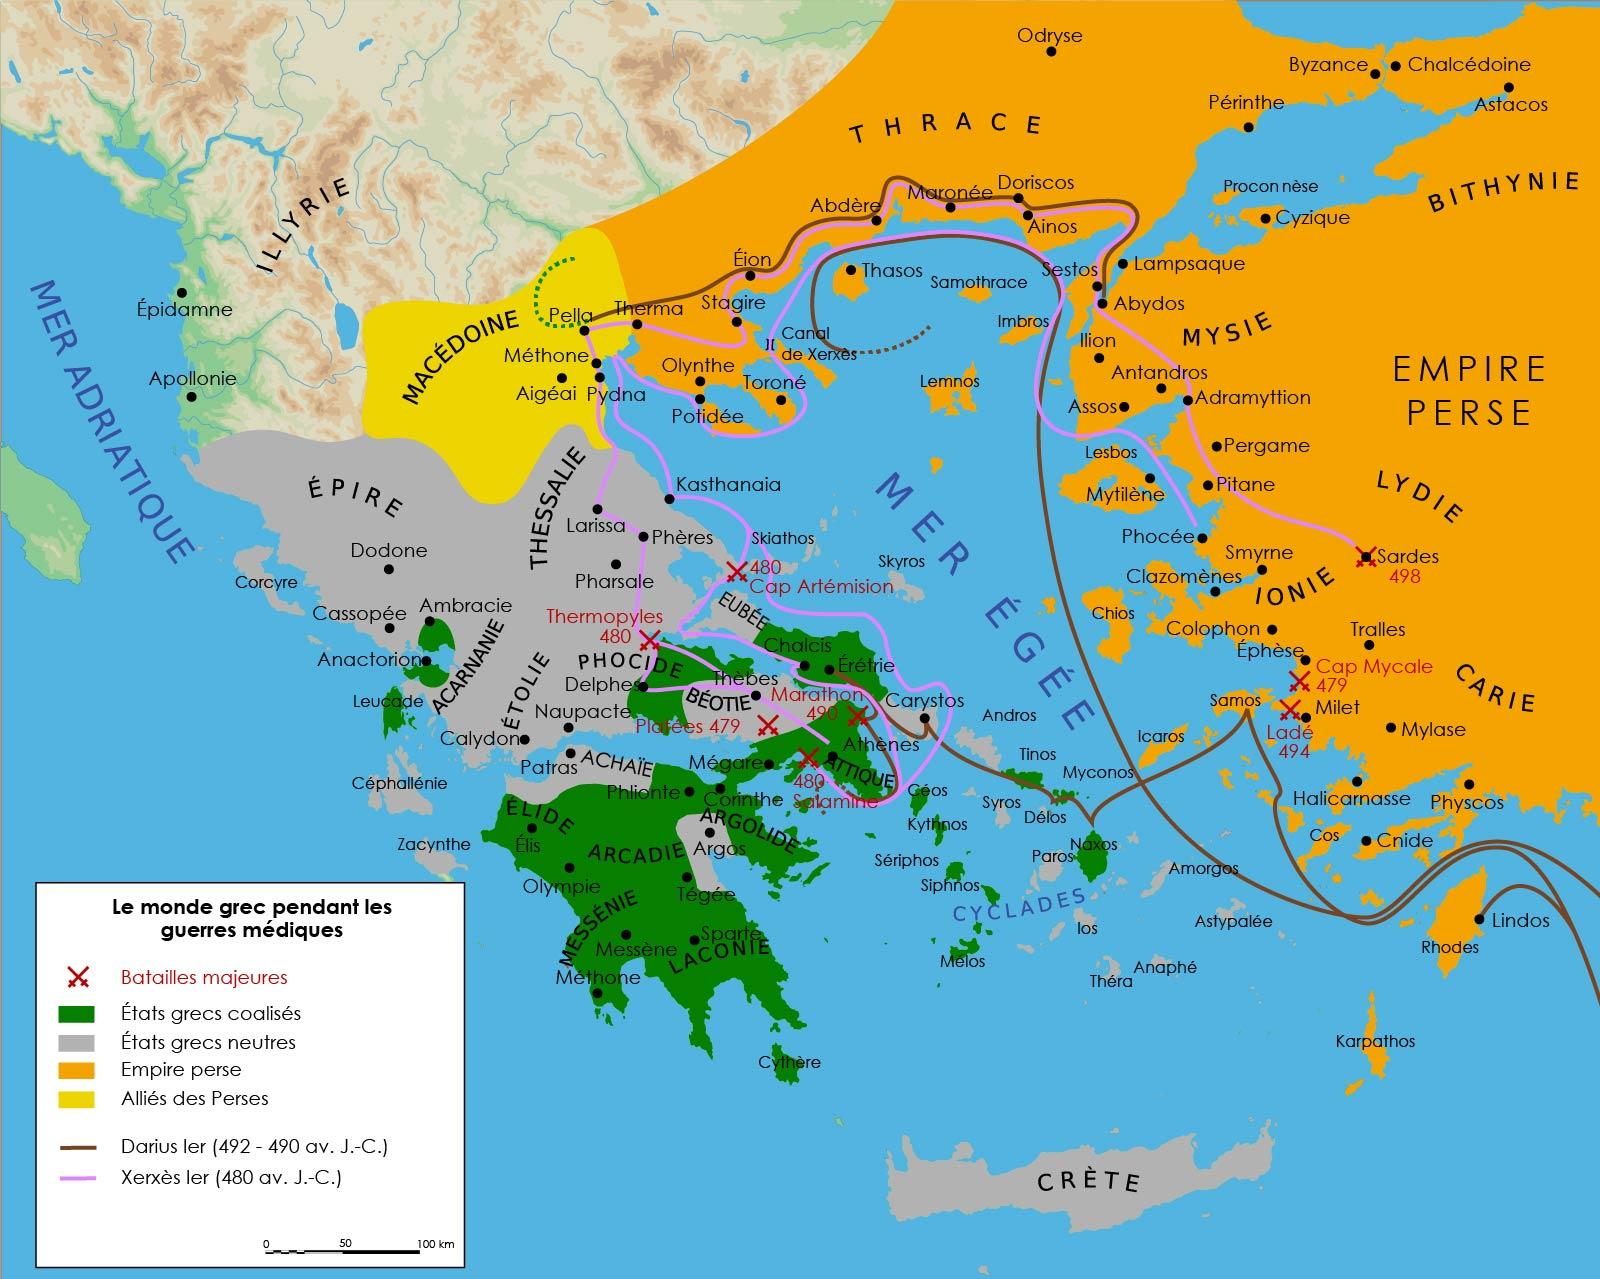 Le monde grec pendant les guerres médiques